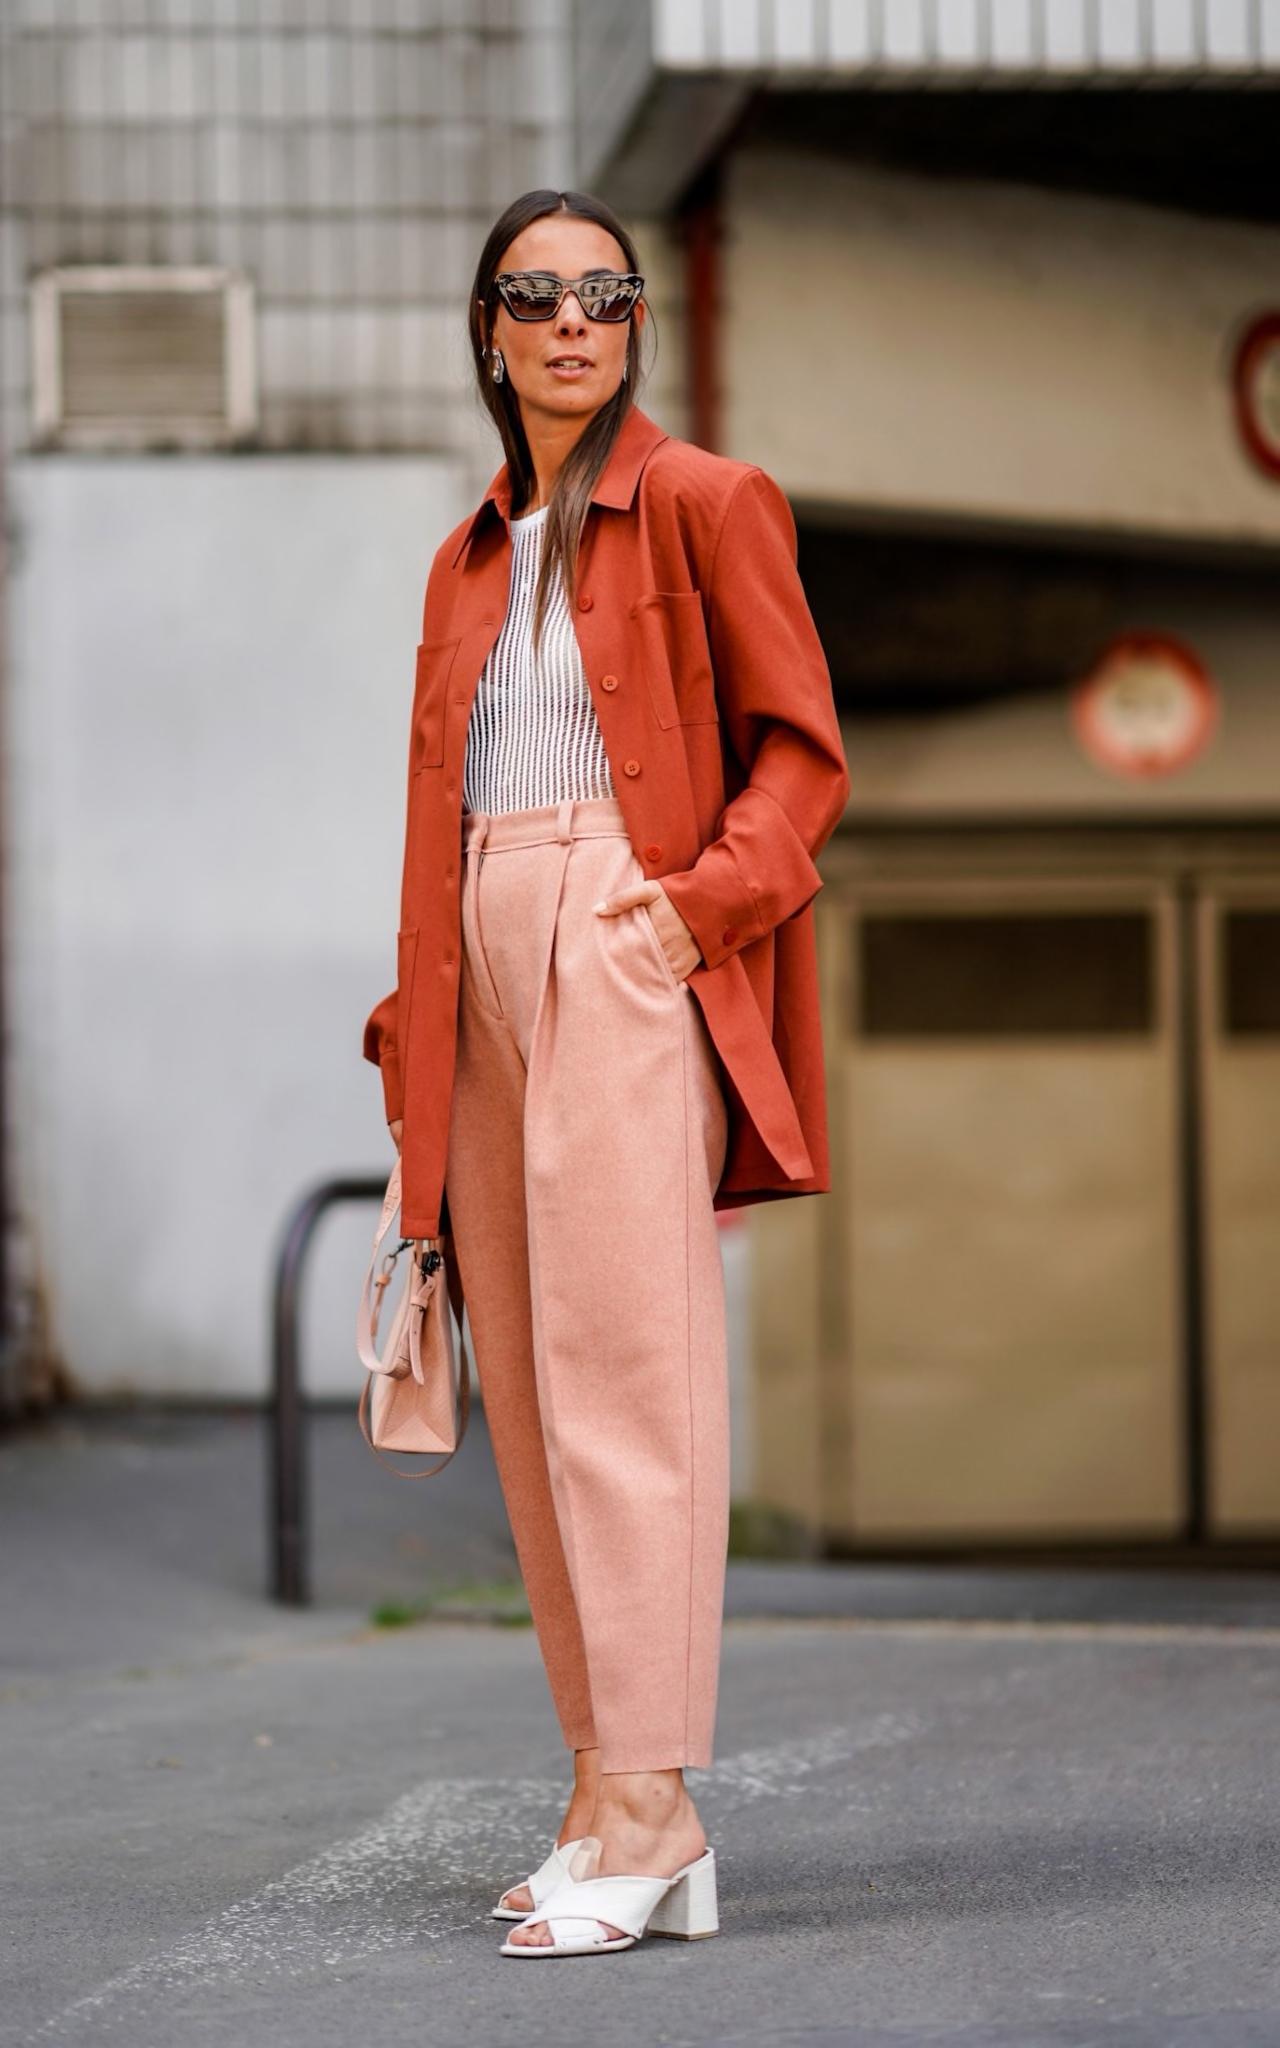 cách phối màu quần áo màu cam và hồng